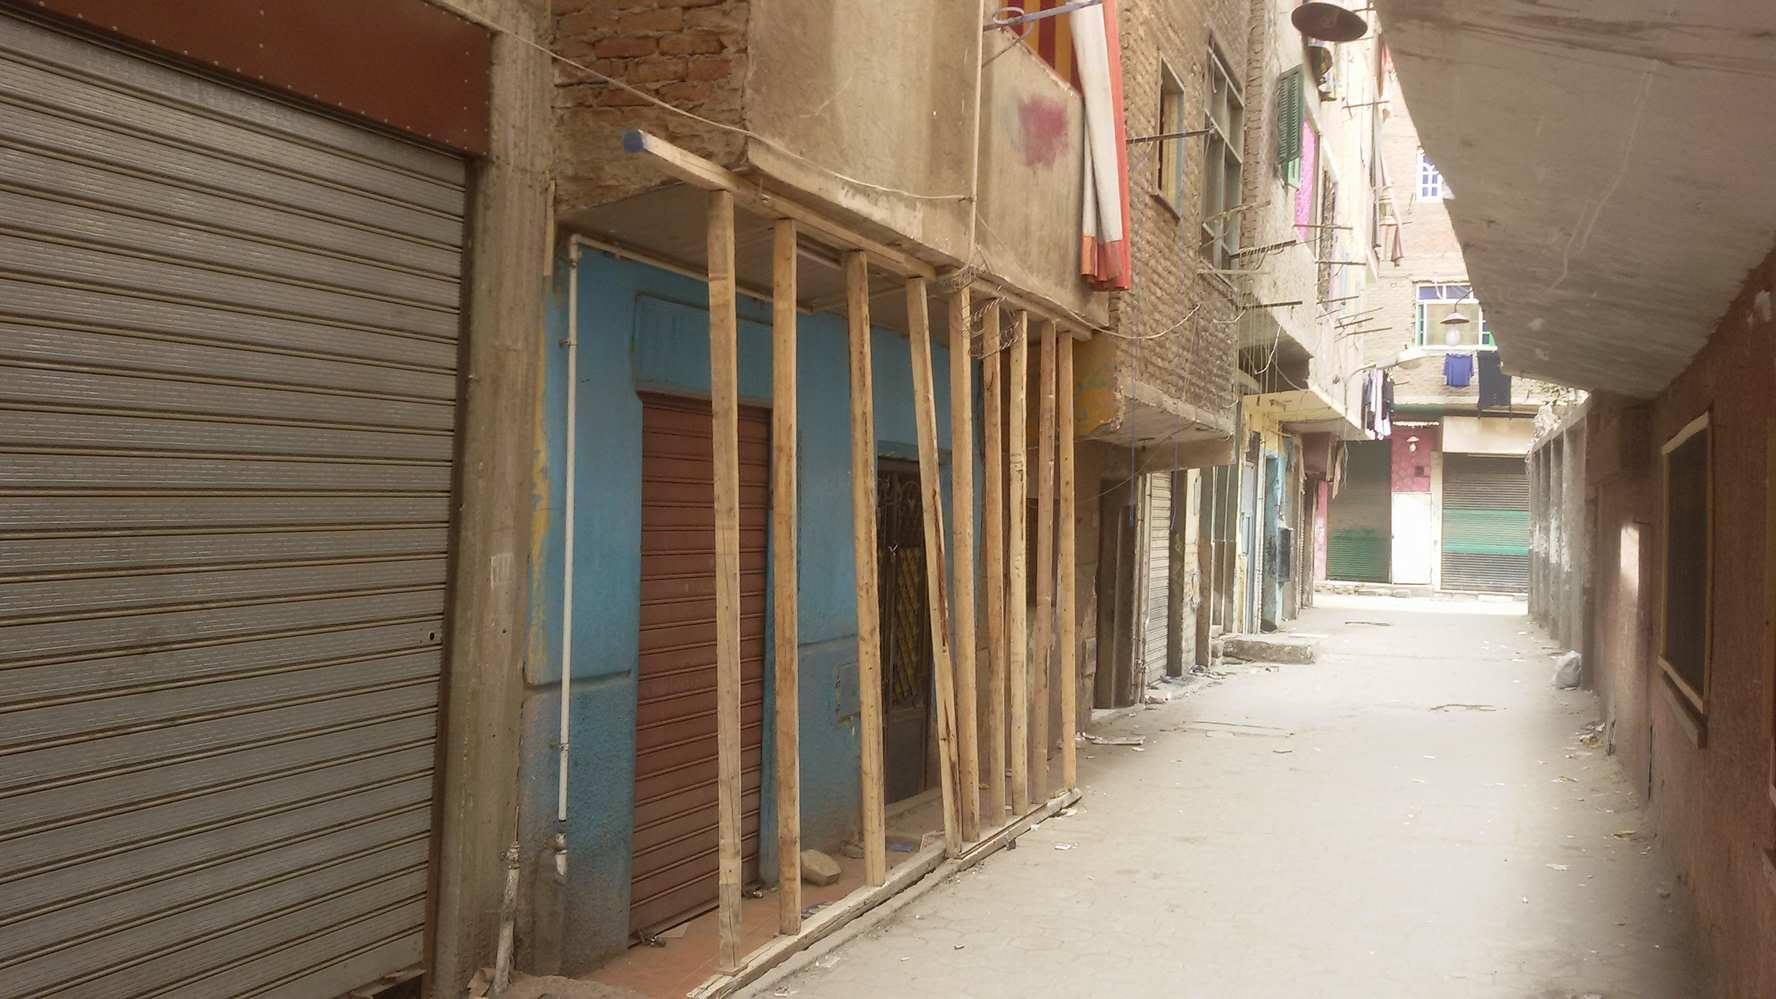 المقاول يزيل سنادات منازل الوراق الآيلة للسقوط الحى مدنيش فلوسى (2)